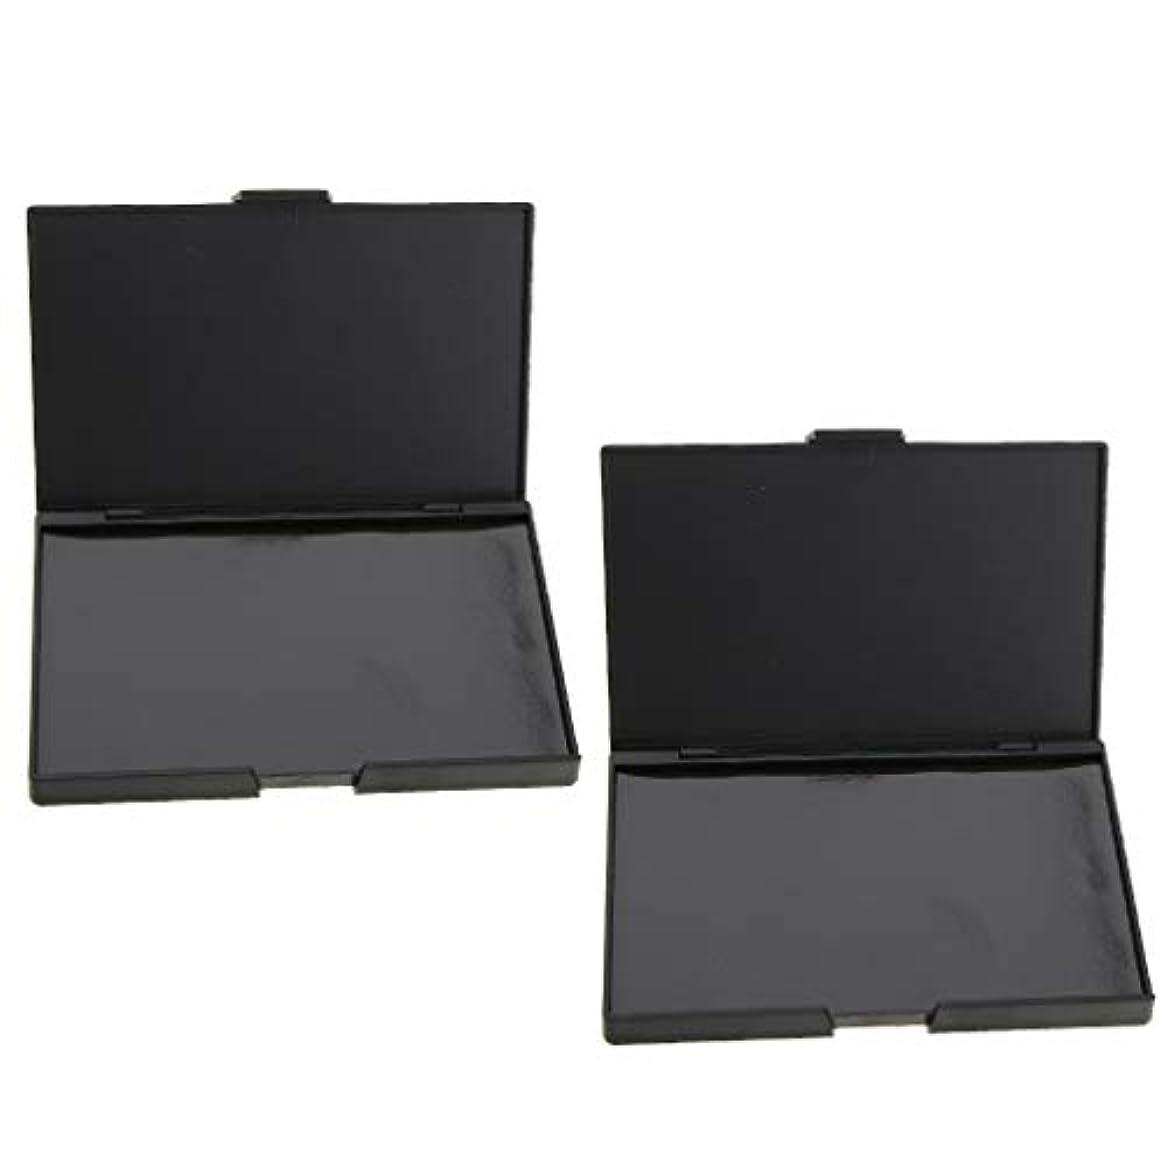 のどプレート廃棄2個 磁気パレット メイクアップケース コスメ 化粧品 DIY 手作り